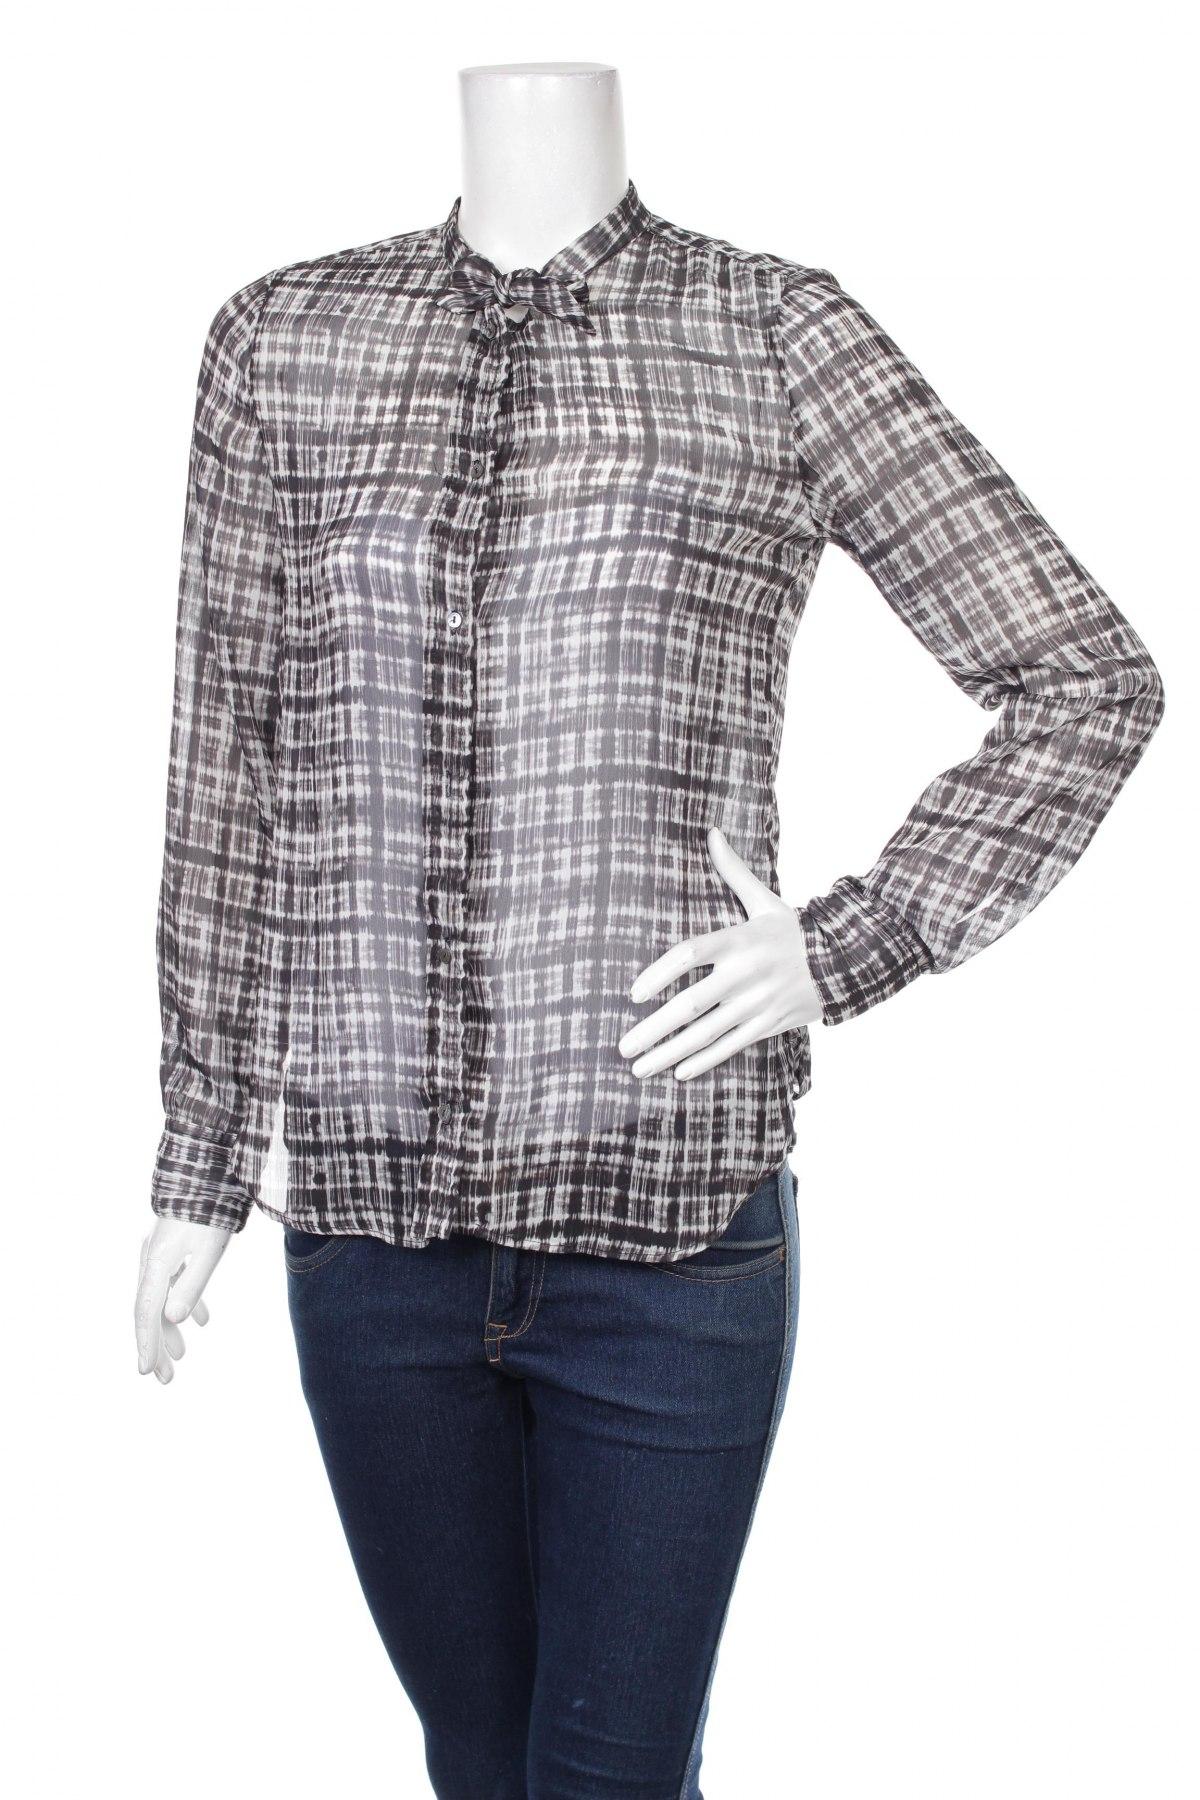 Γυναικείο πουκάμισο Mango, Μέγεθος S, Χρώμα Μαύρο, Πολυεστέρας, Τιμή 15,46€